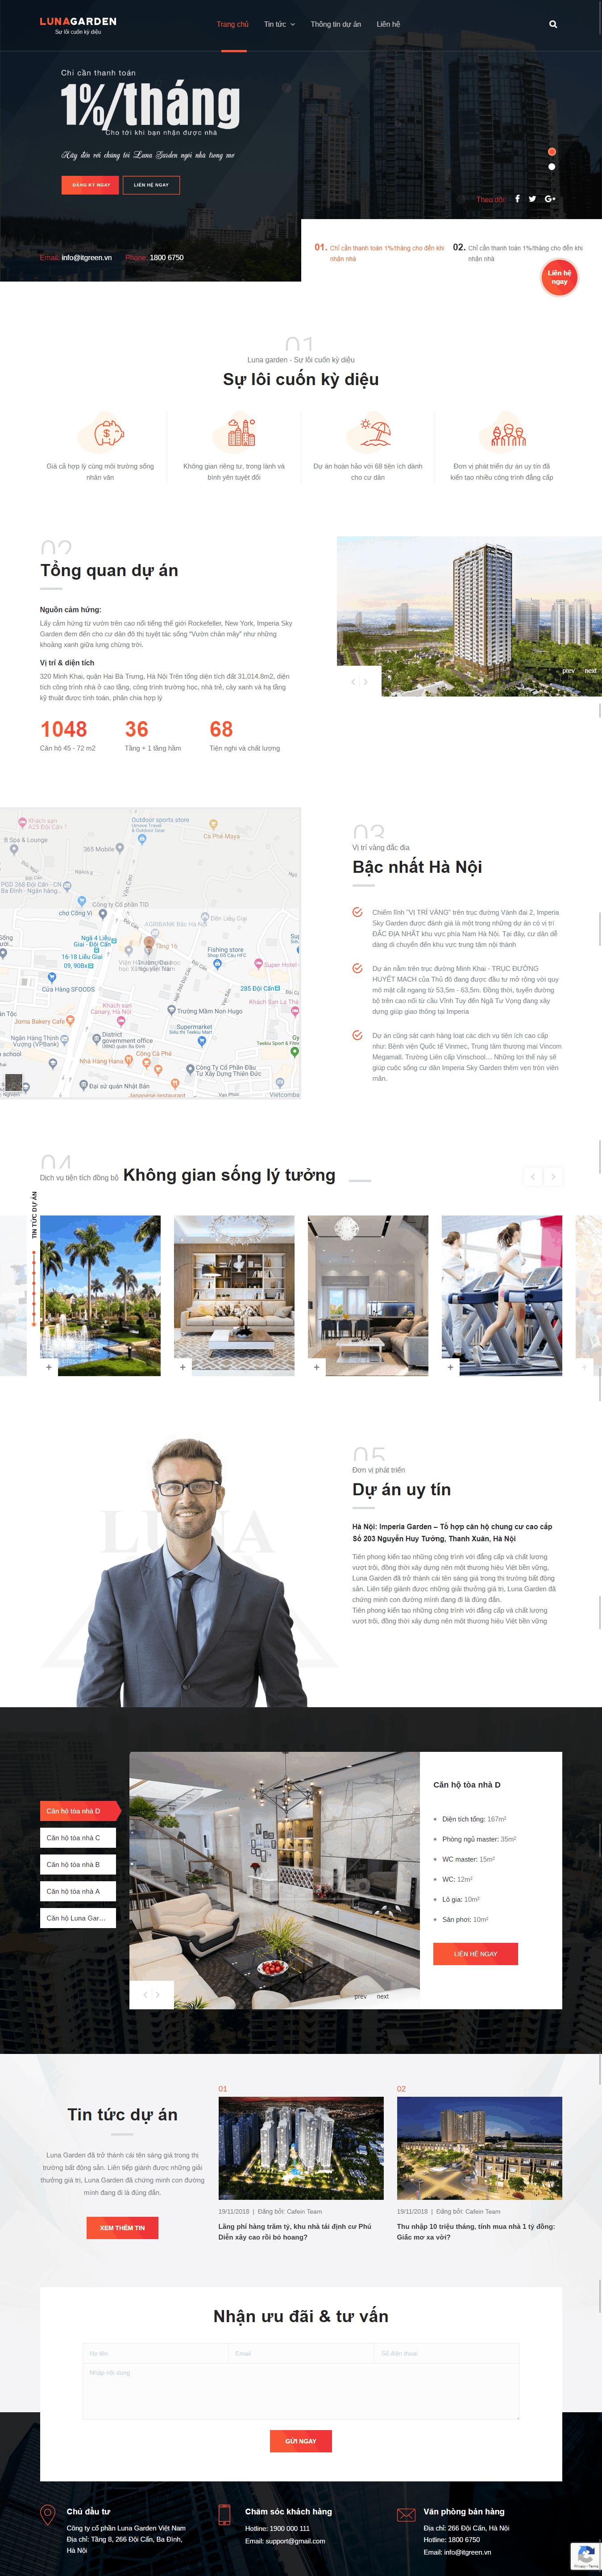 Thiết kế website Thiết kế website kiến trúc, nội thất, xây dựng Luna Garden